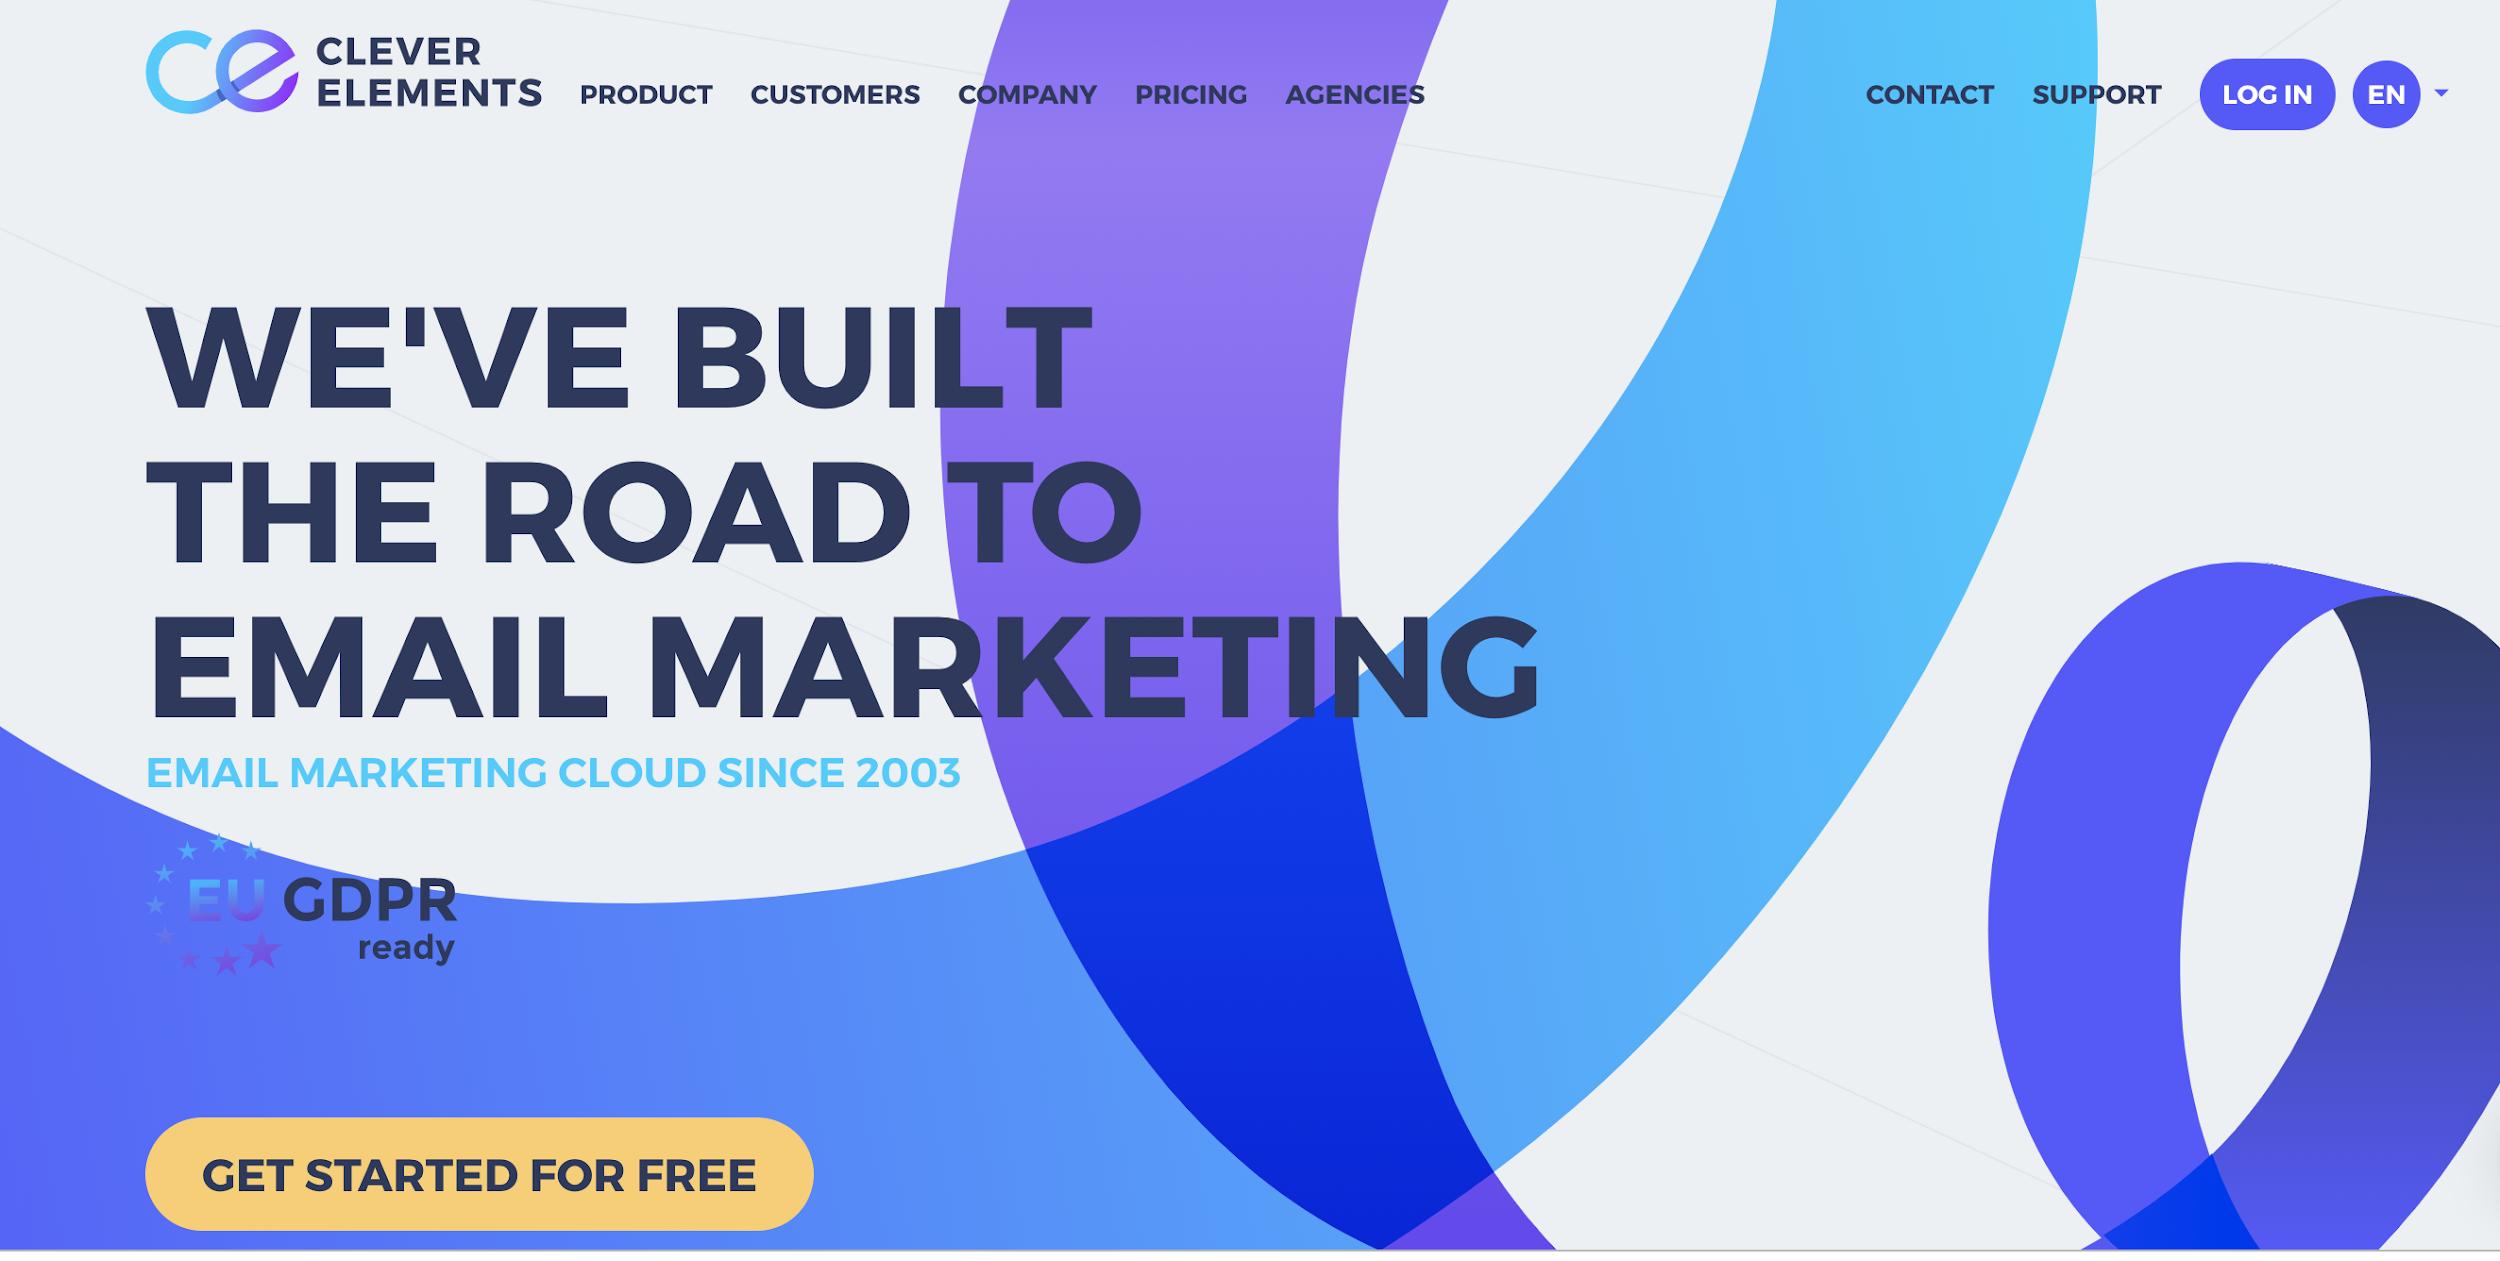 Clever Elements como exemplo de ferramenta grátis de email marketing